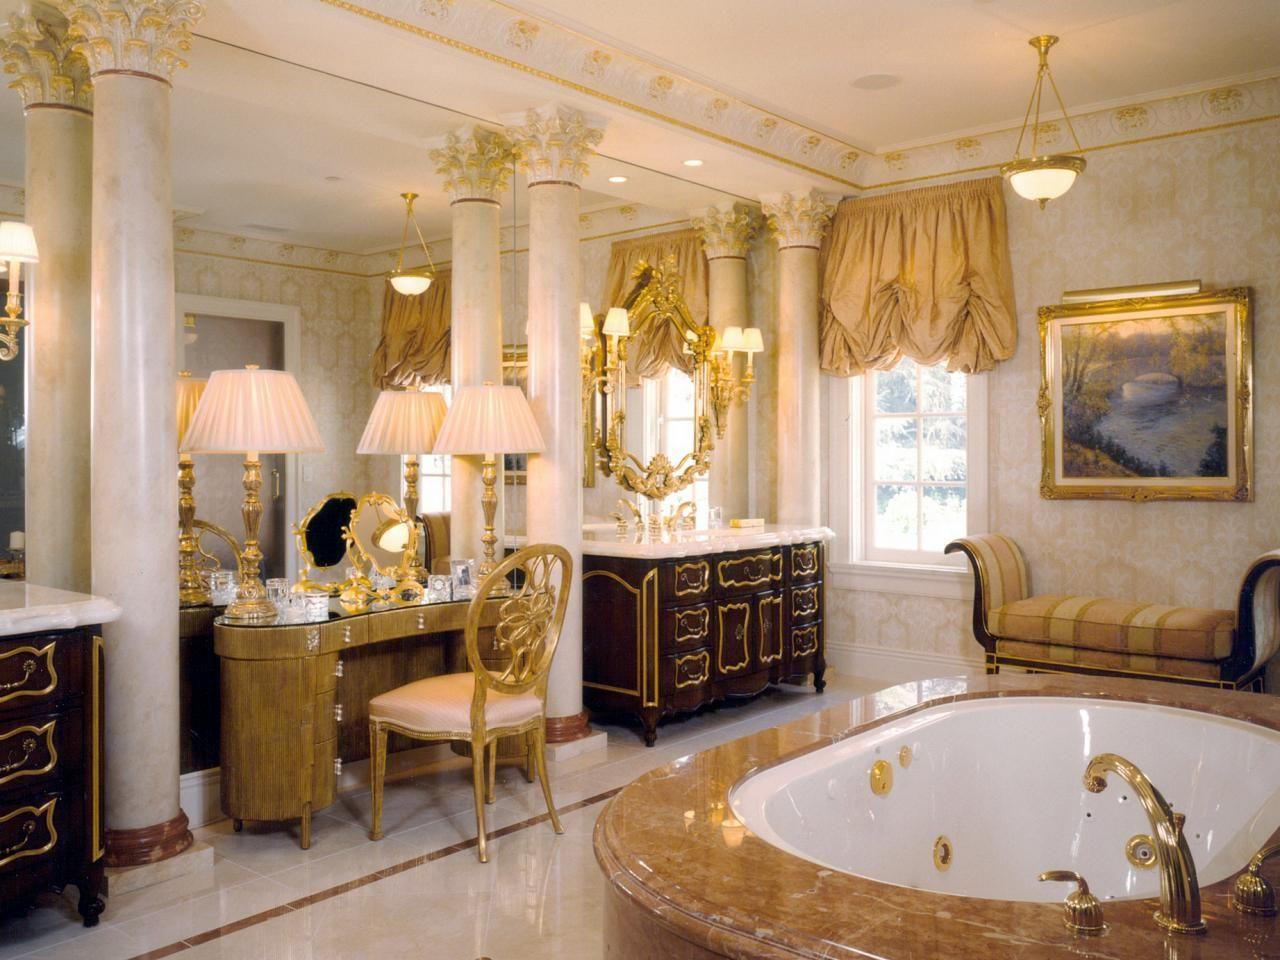 Meet The Stunning Top 8 Millionaire Bathrooms In The World Makeup Vanities